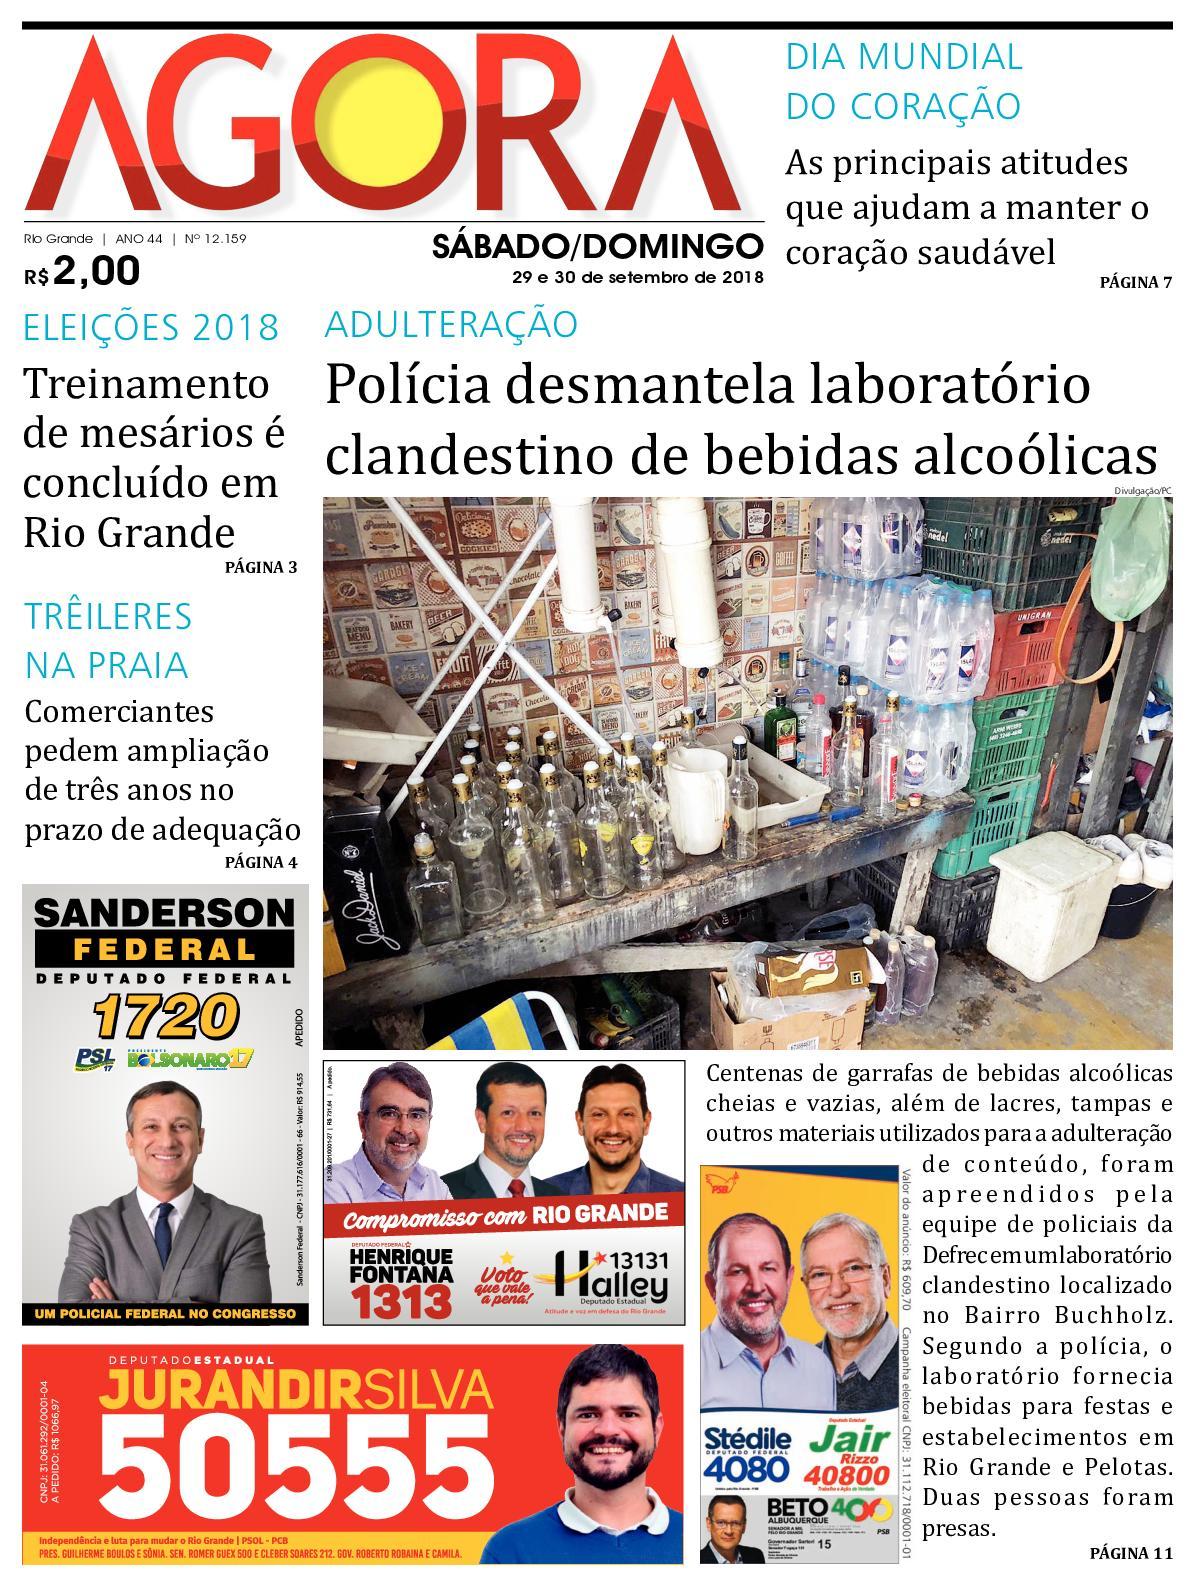 Calaméo - Jornal Agora - Edição 12159 - 29 e 30 de Setembro de 2018 8ce683eb24